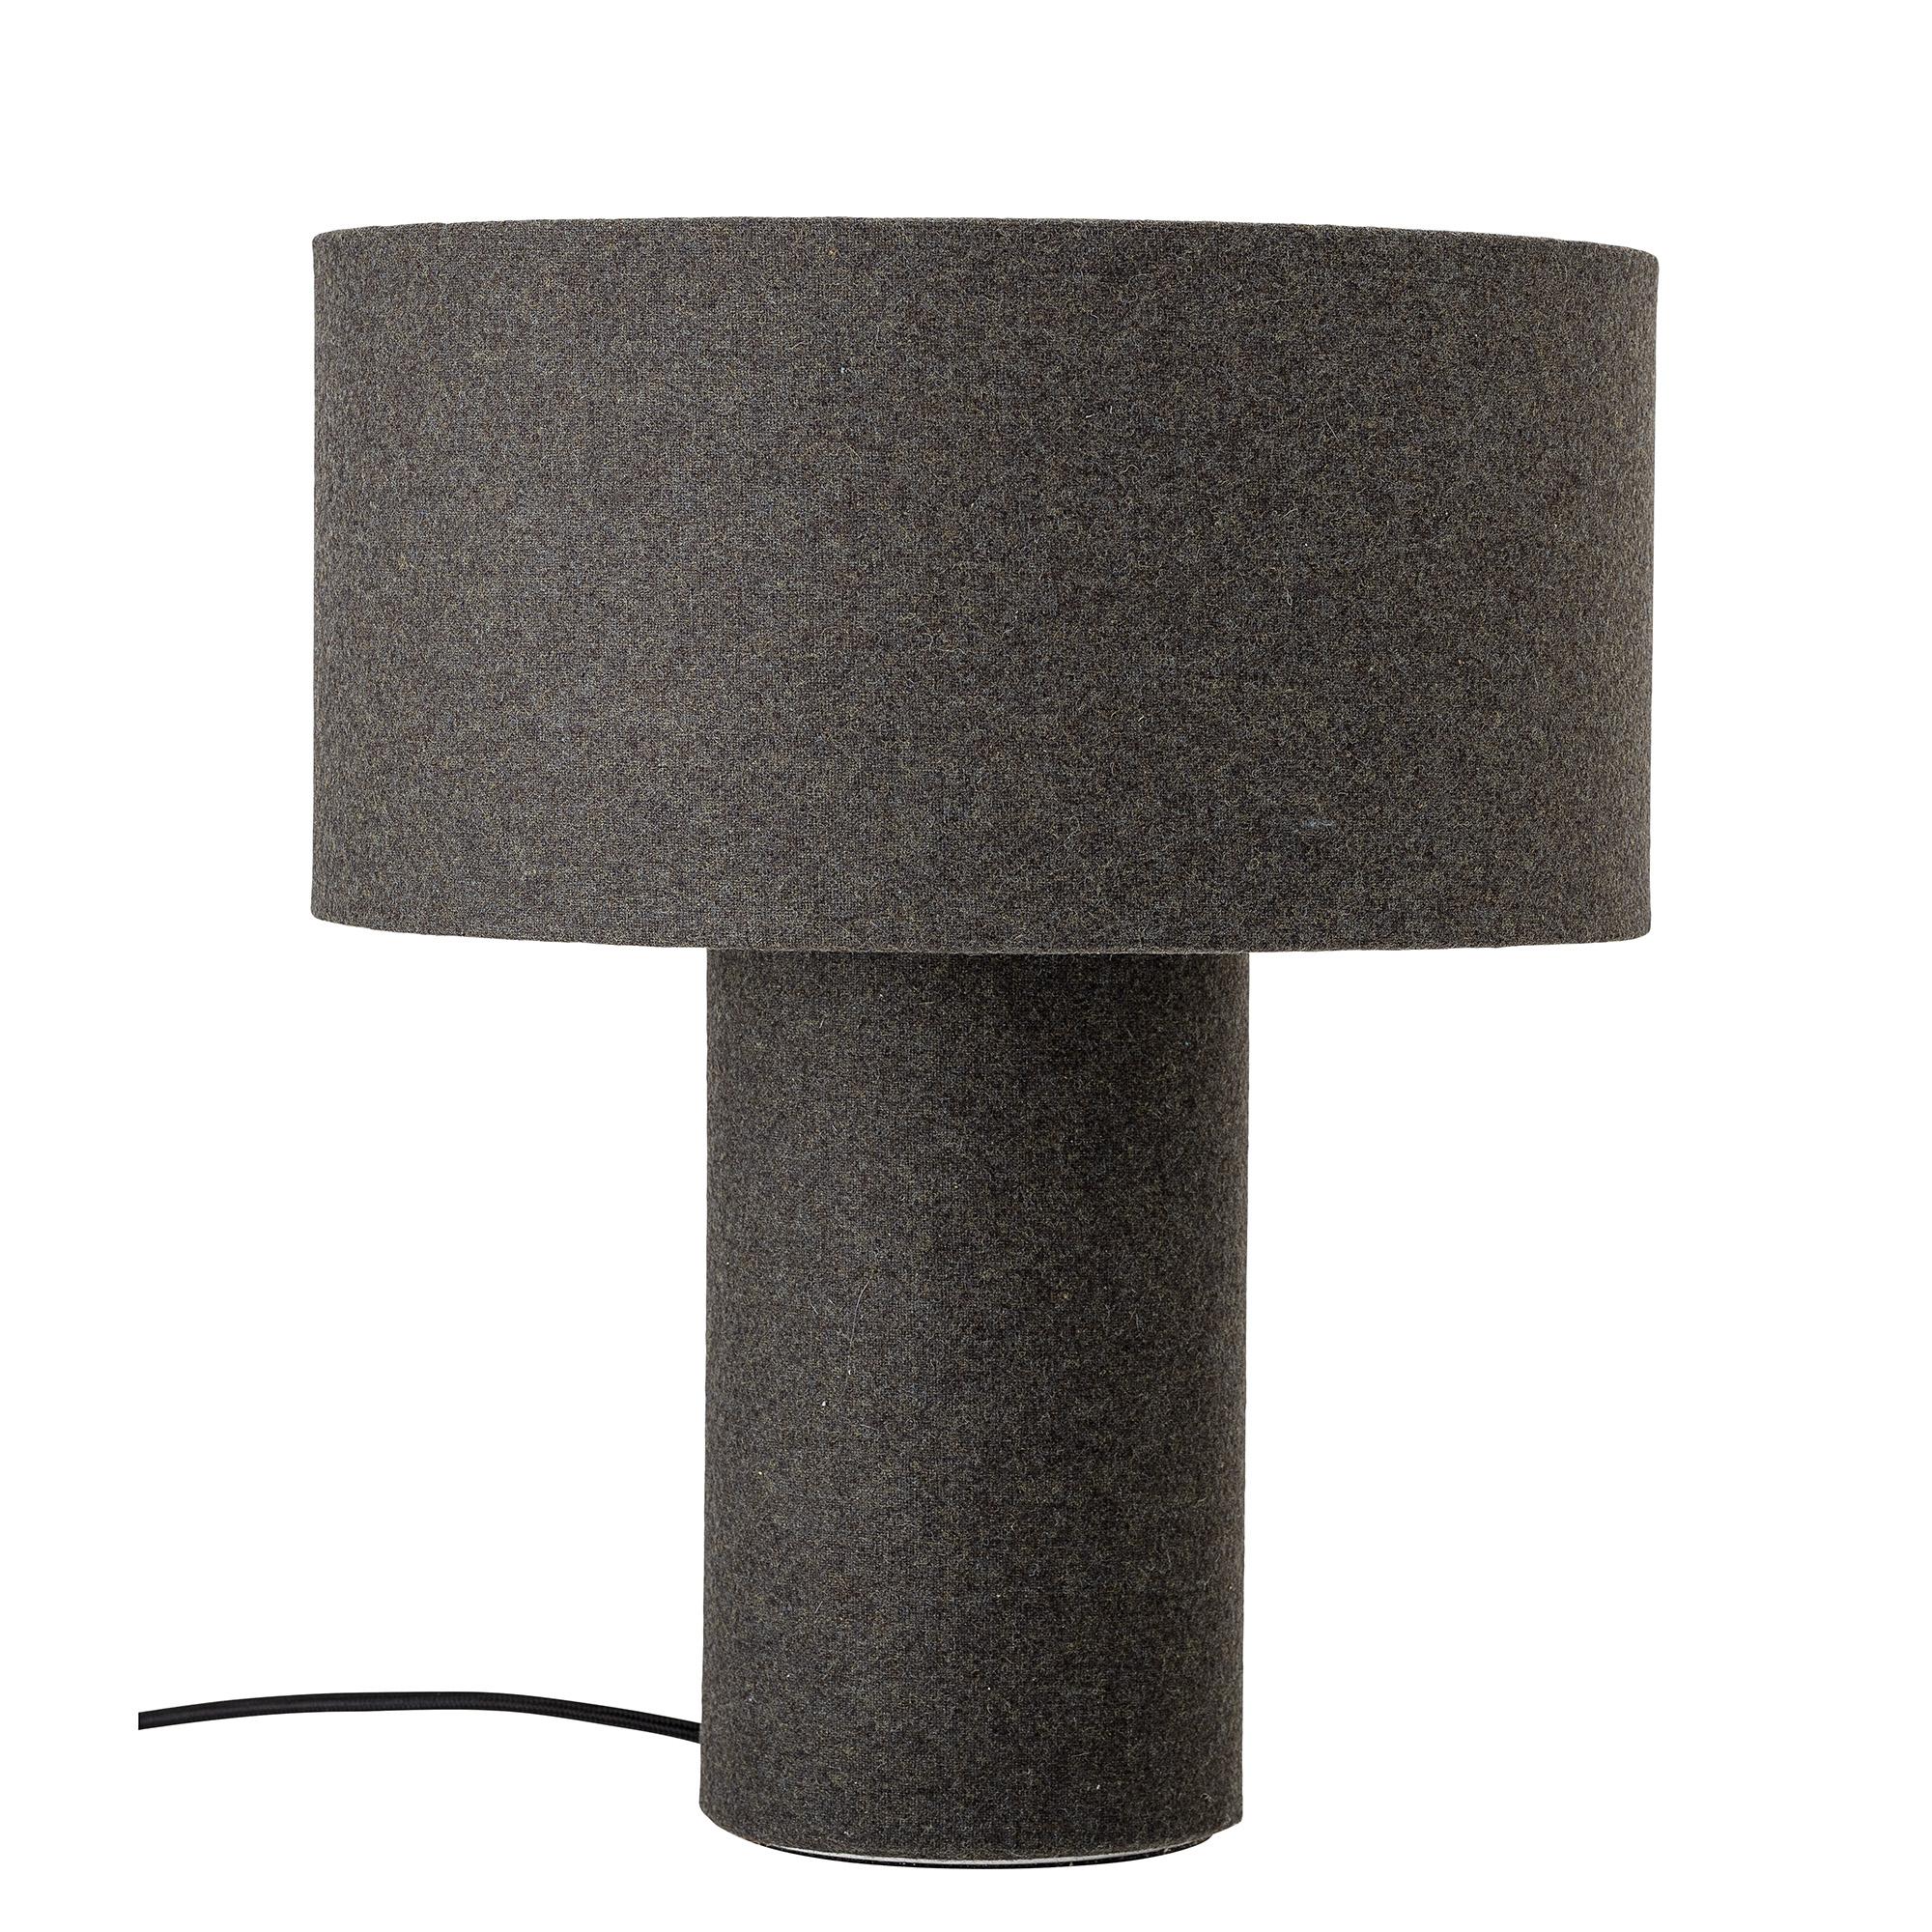 Köp Bordslampa Grå Ull Bloomingville från 999 kr Roomly.se